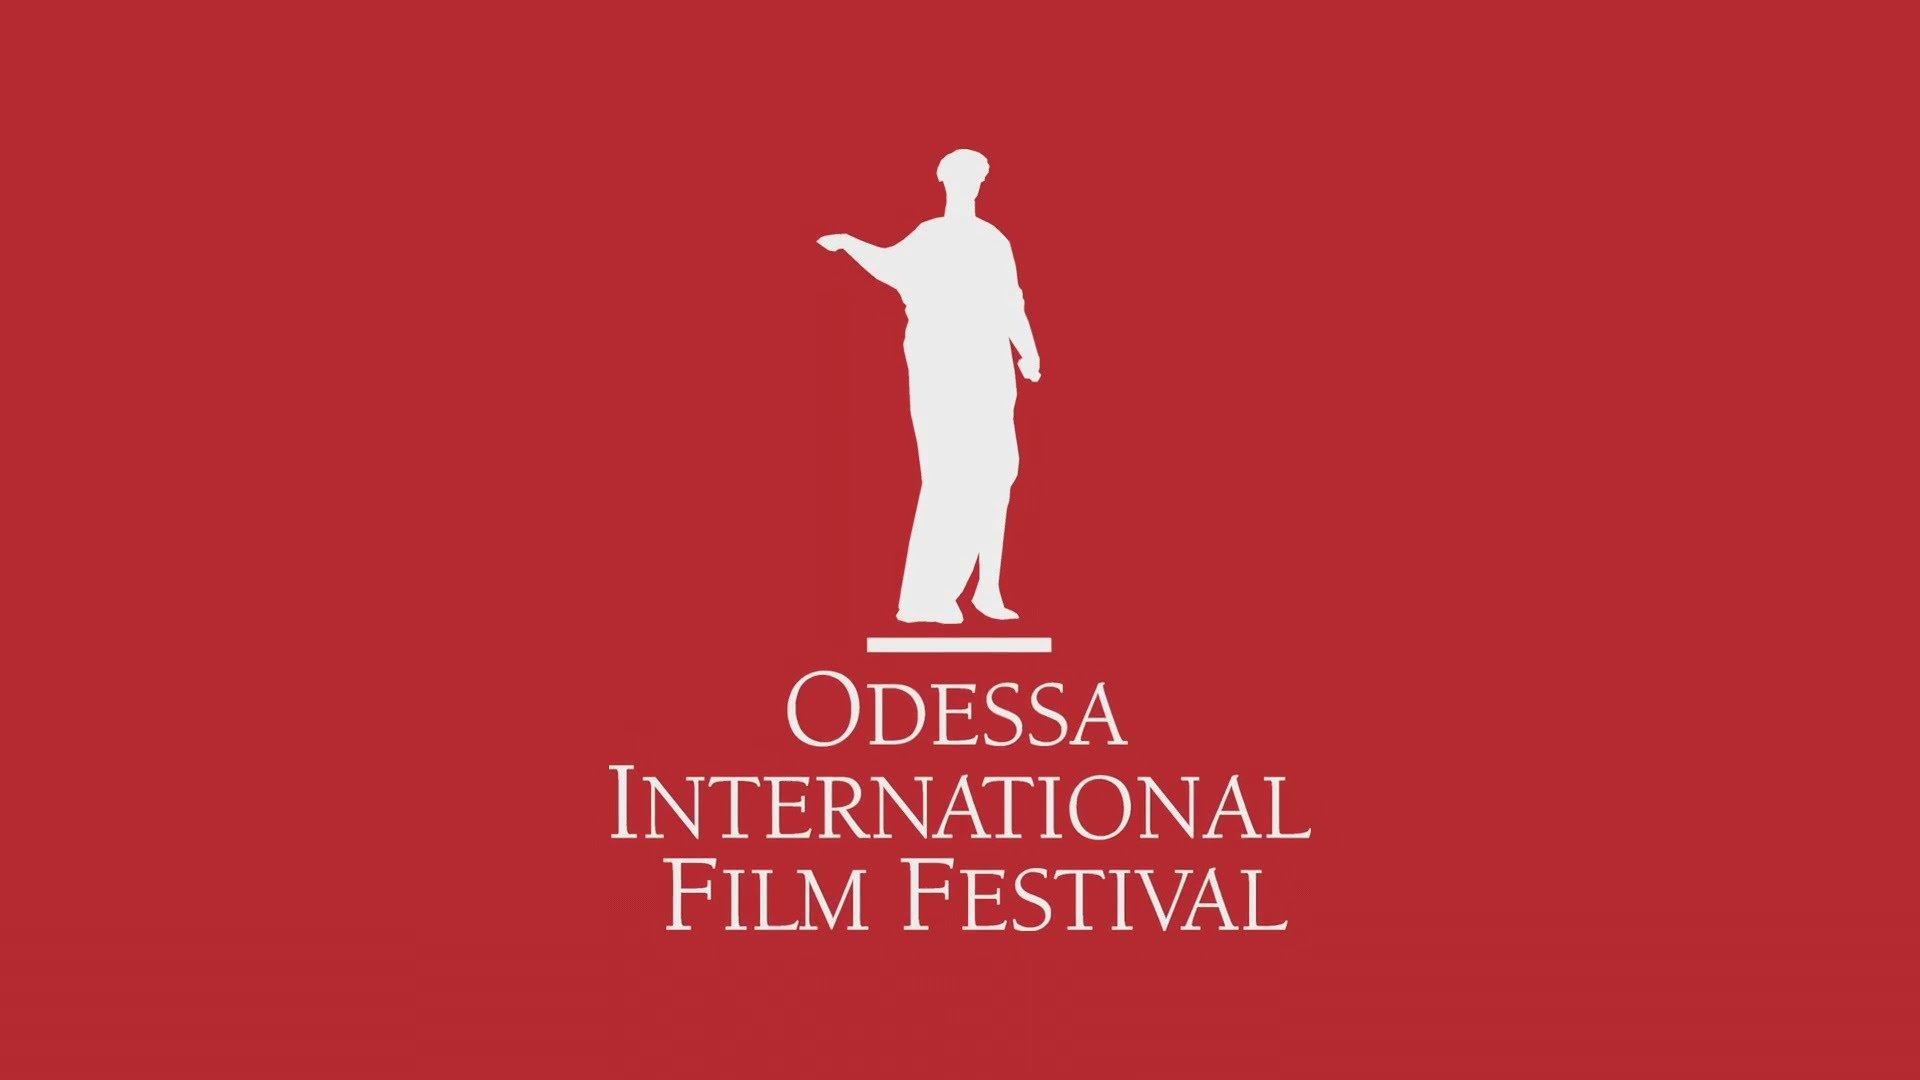 Белорусский фильм победил на кинофестивале в Одессе